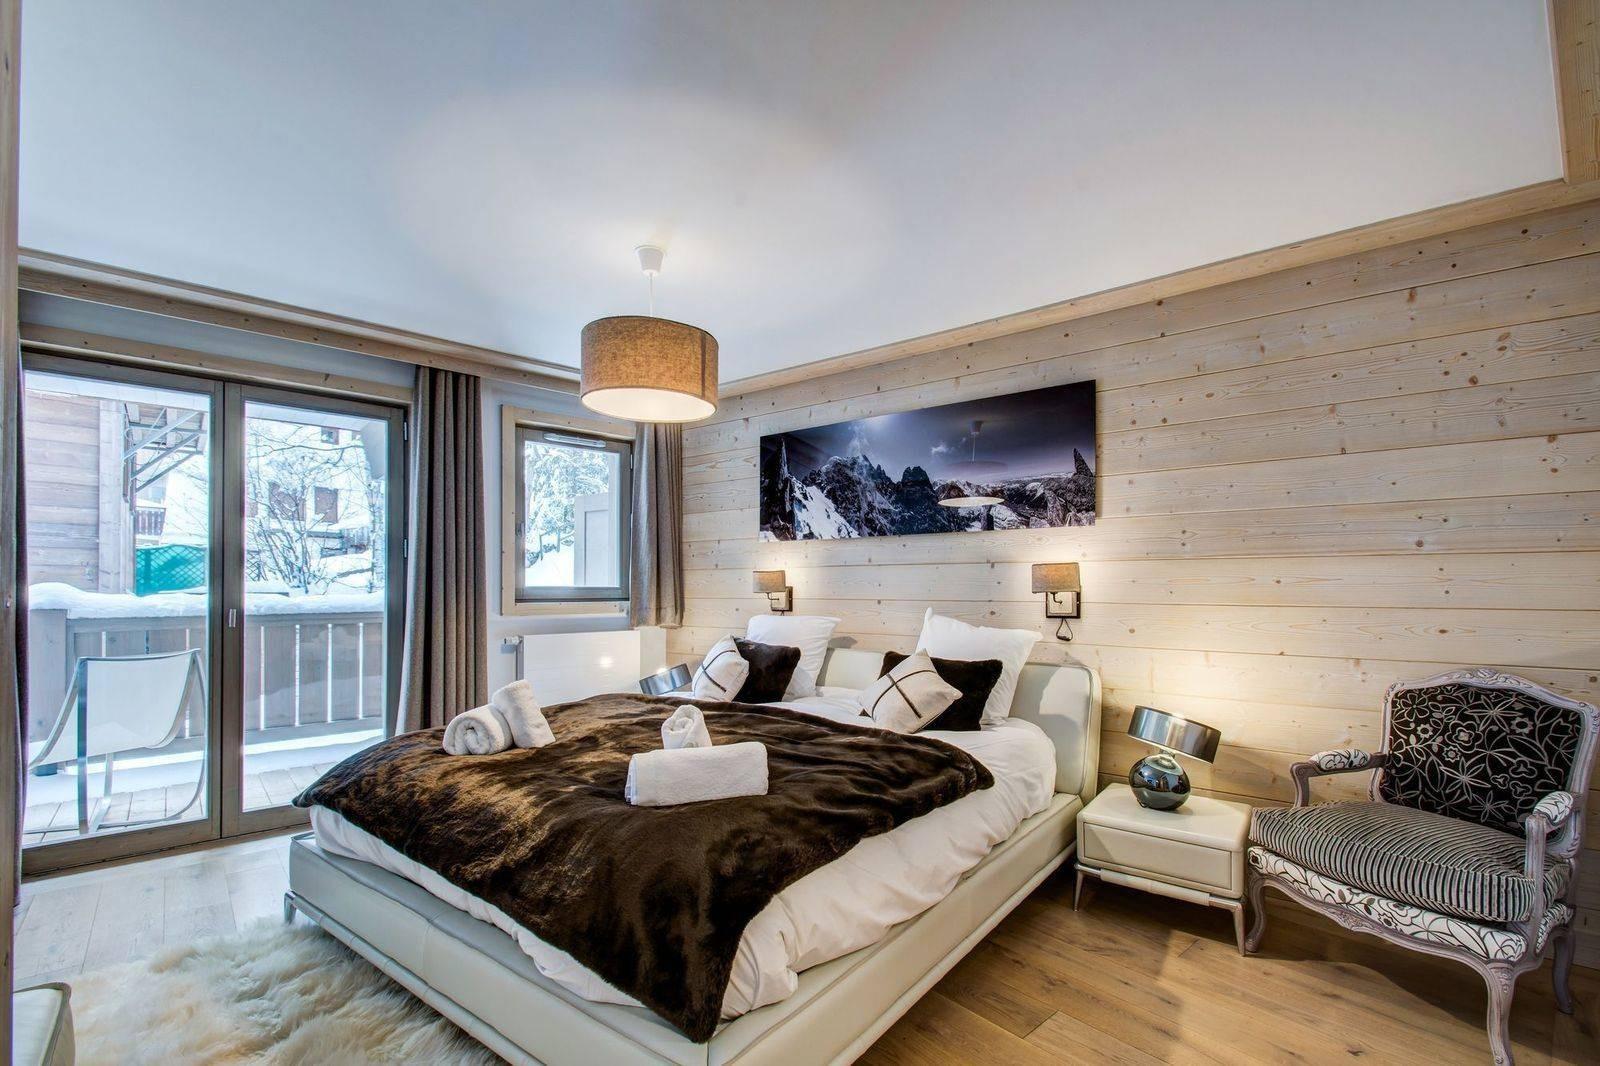 Courchevel 1550 Location Appartement Luxe Telimite Chambre